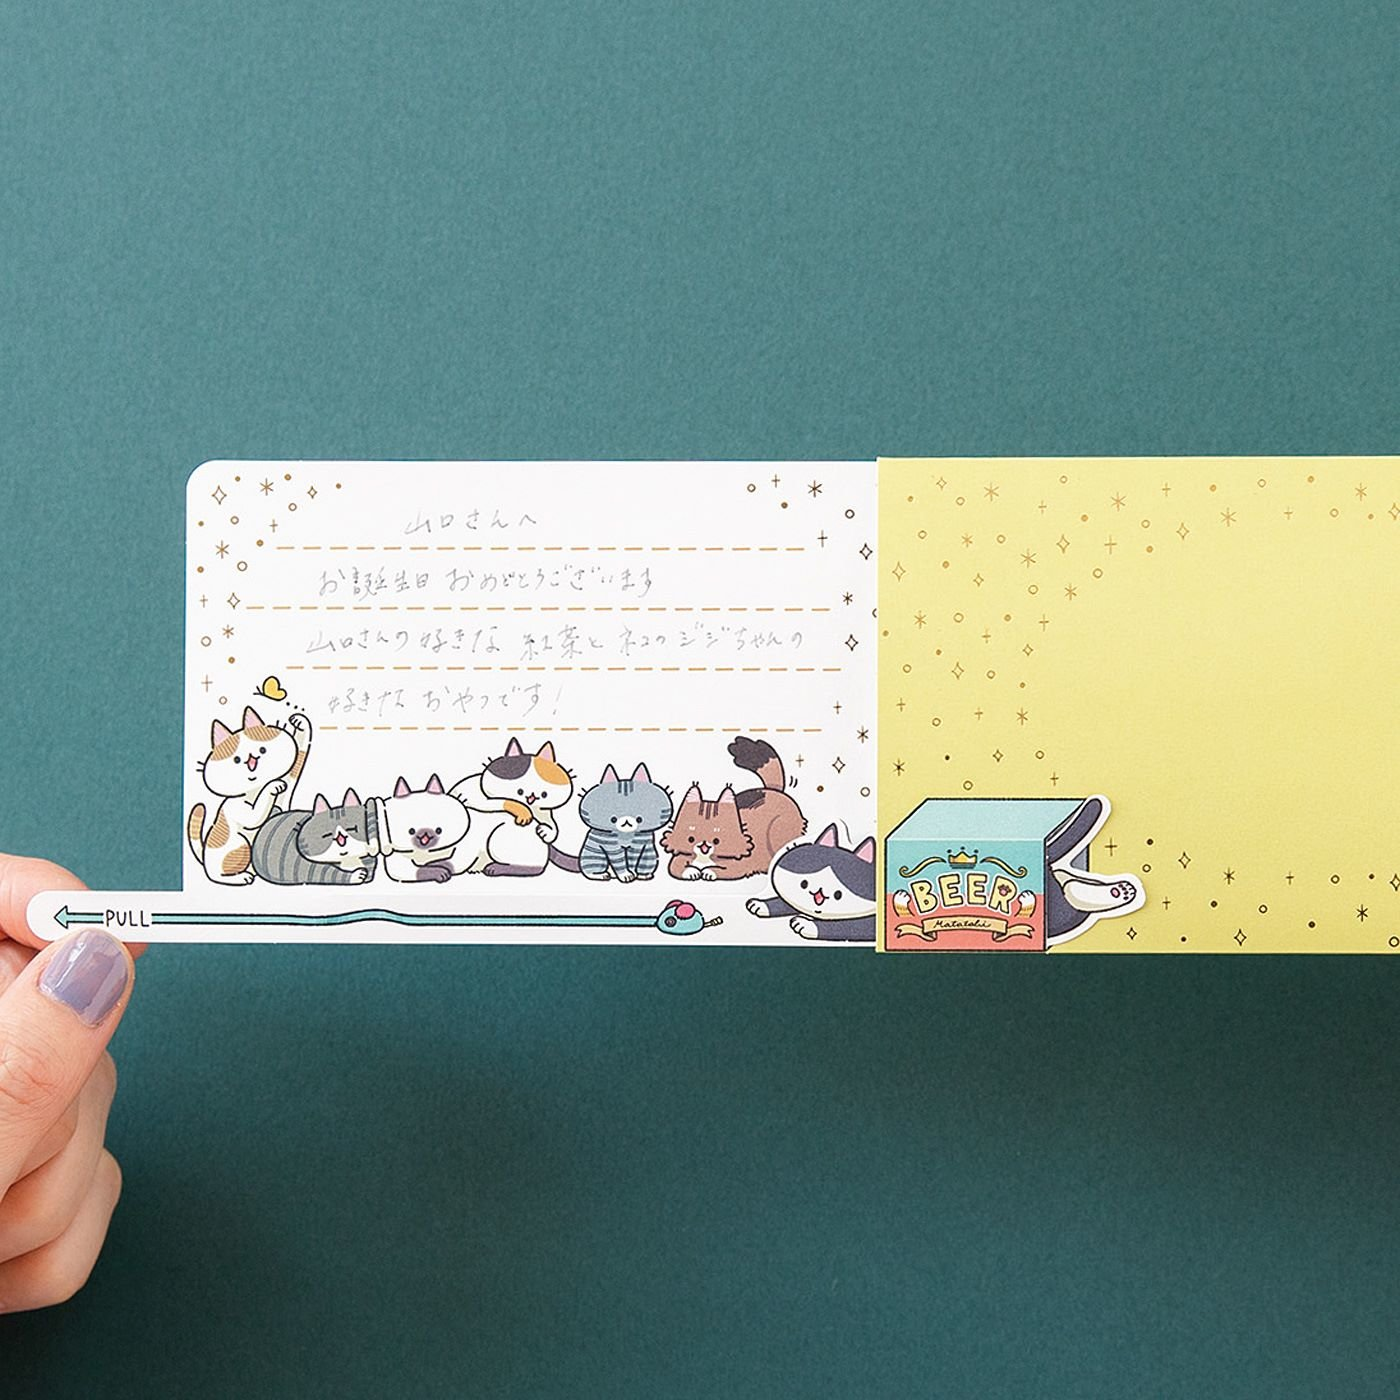 引っぱると読める! 猫が箱の中にすべり込むメッセージカード